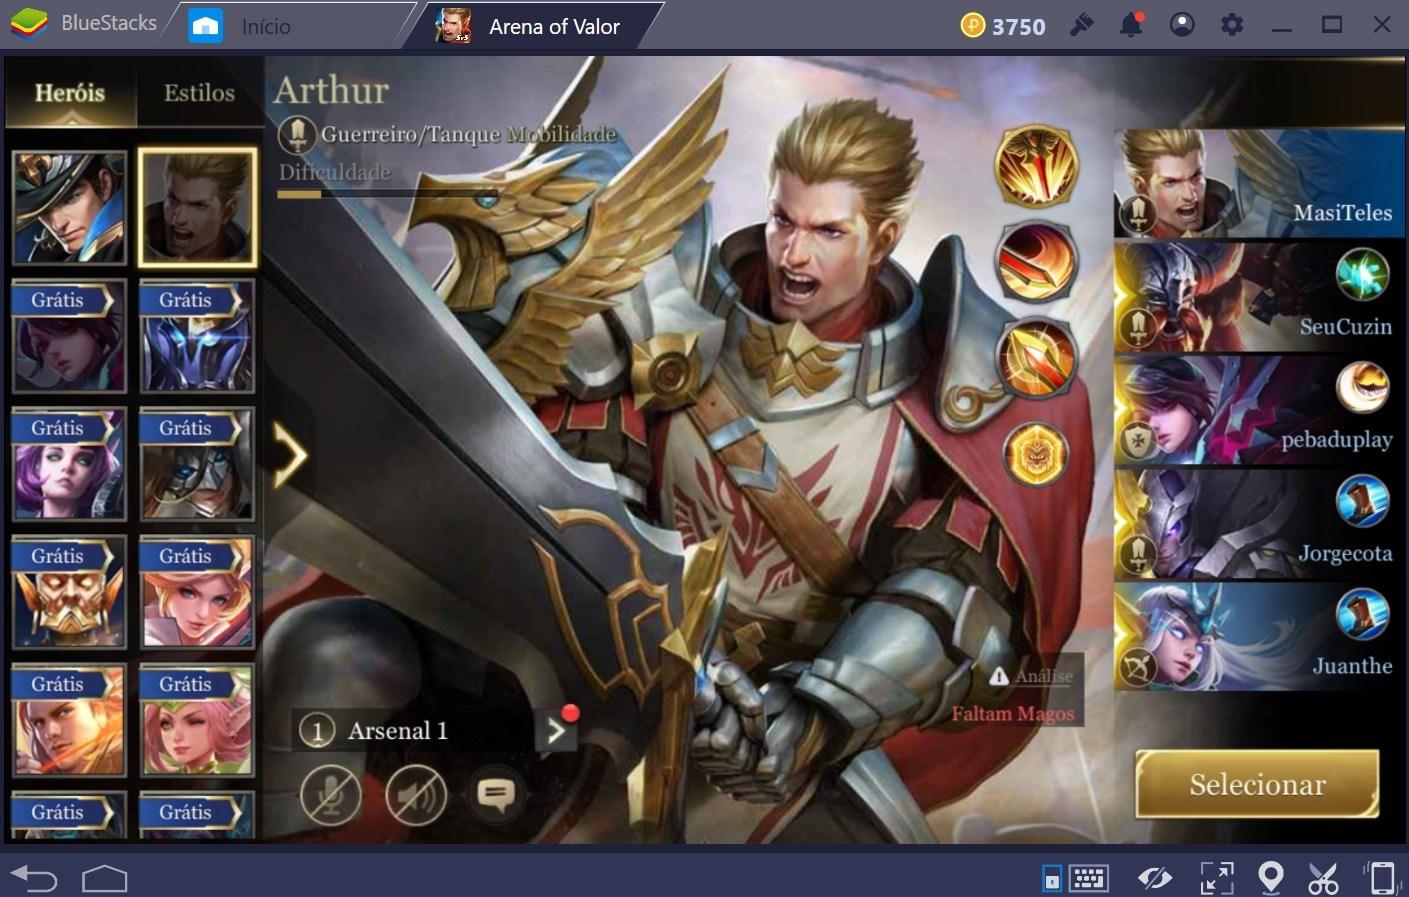 Top 5 guerreiros em Arena of Valor